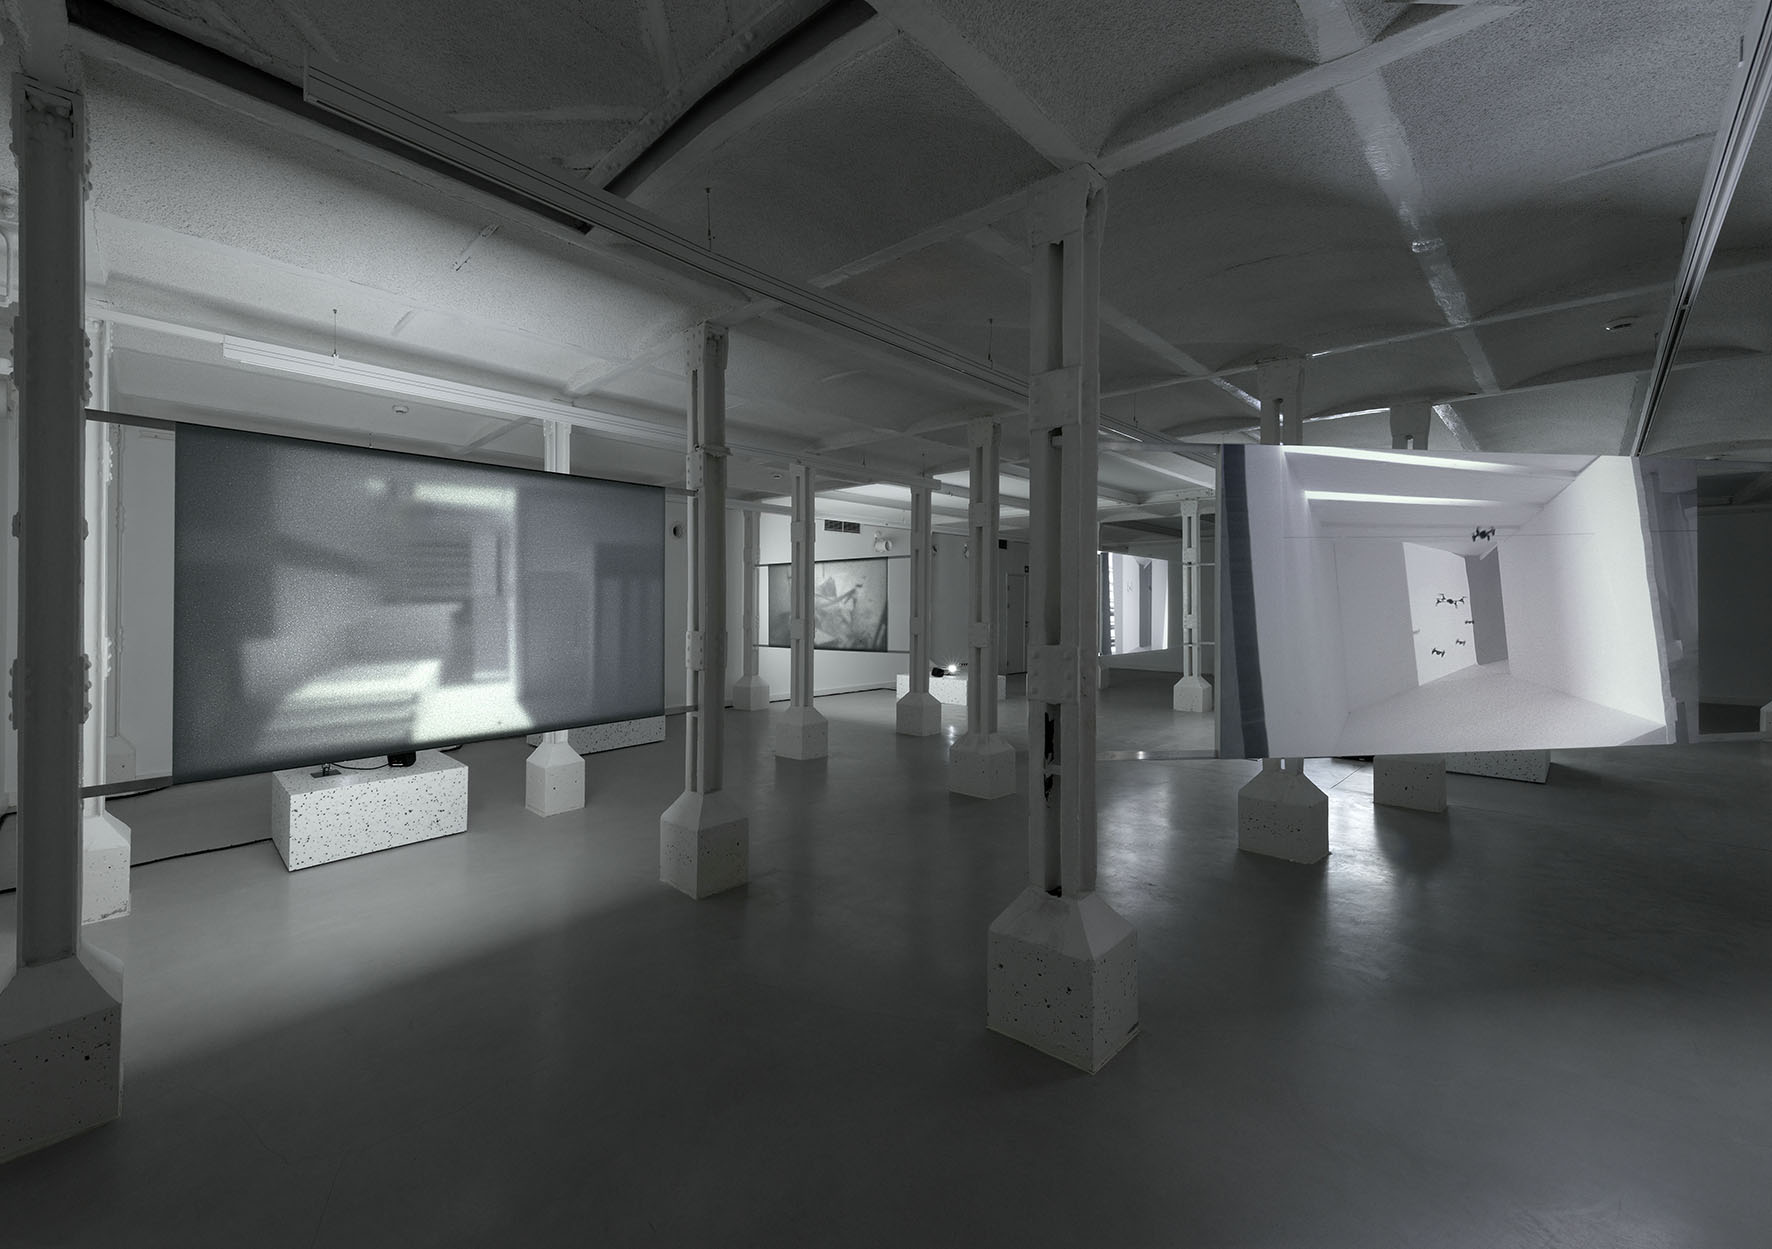 Gilad Ratman, Swarm, instalacja